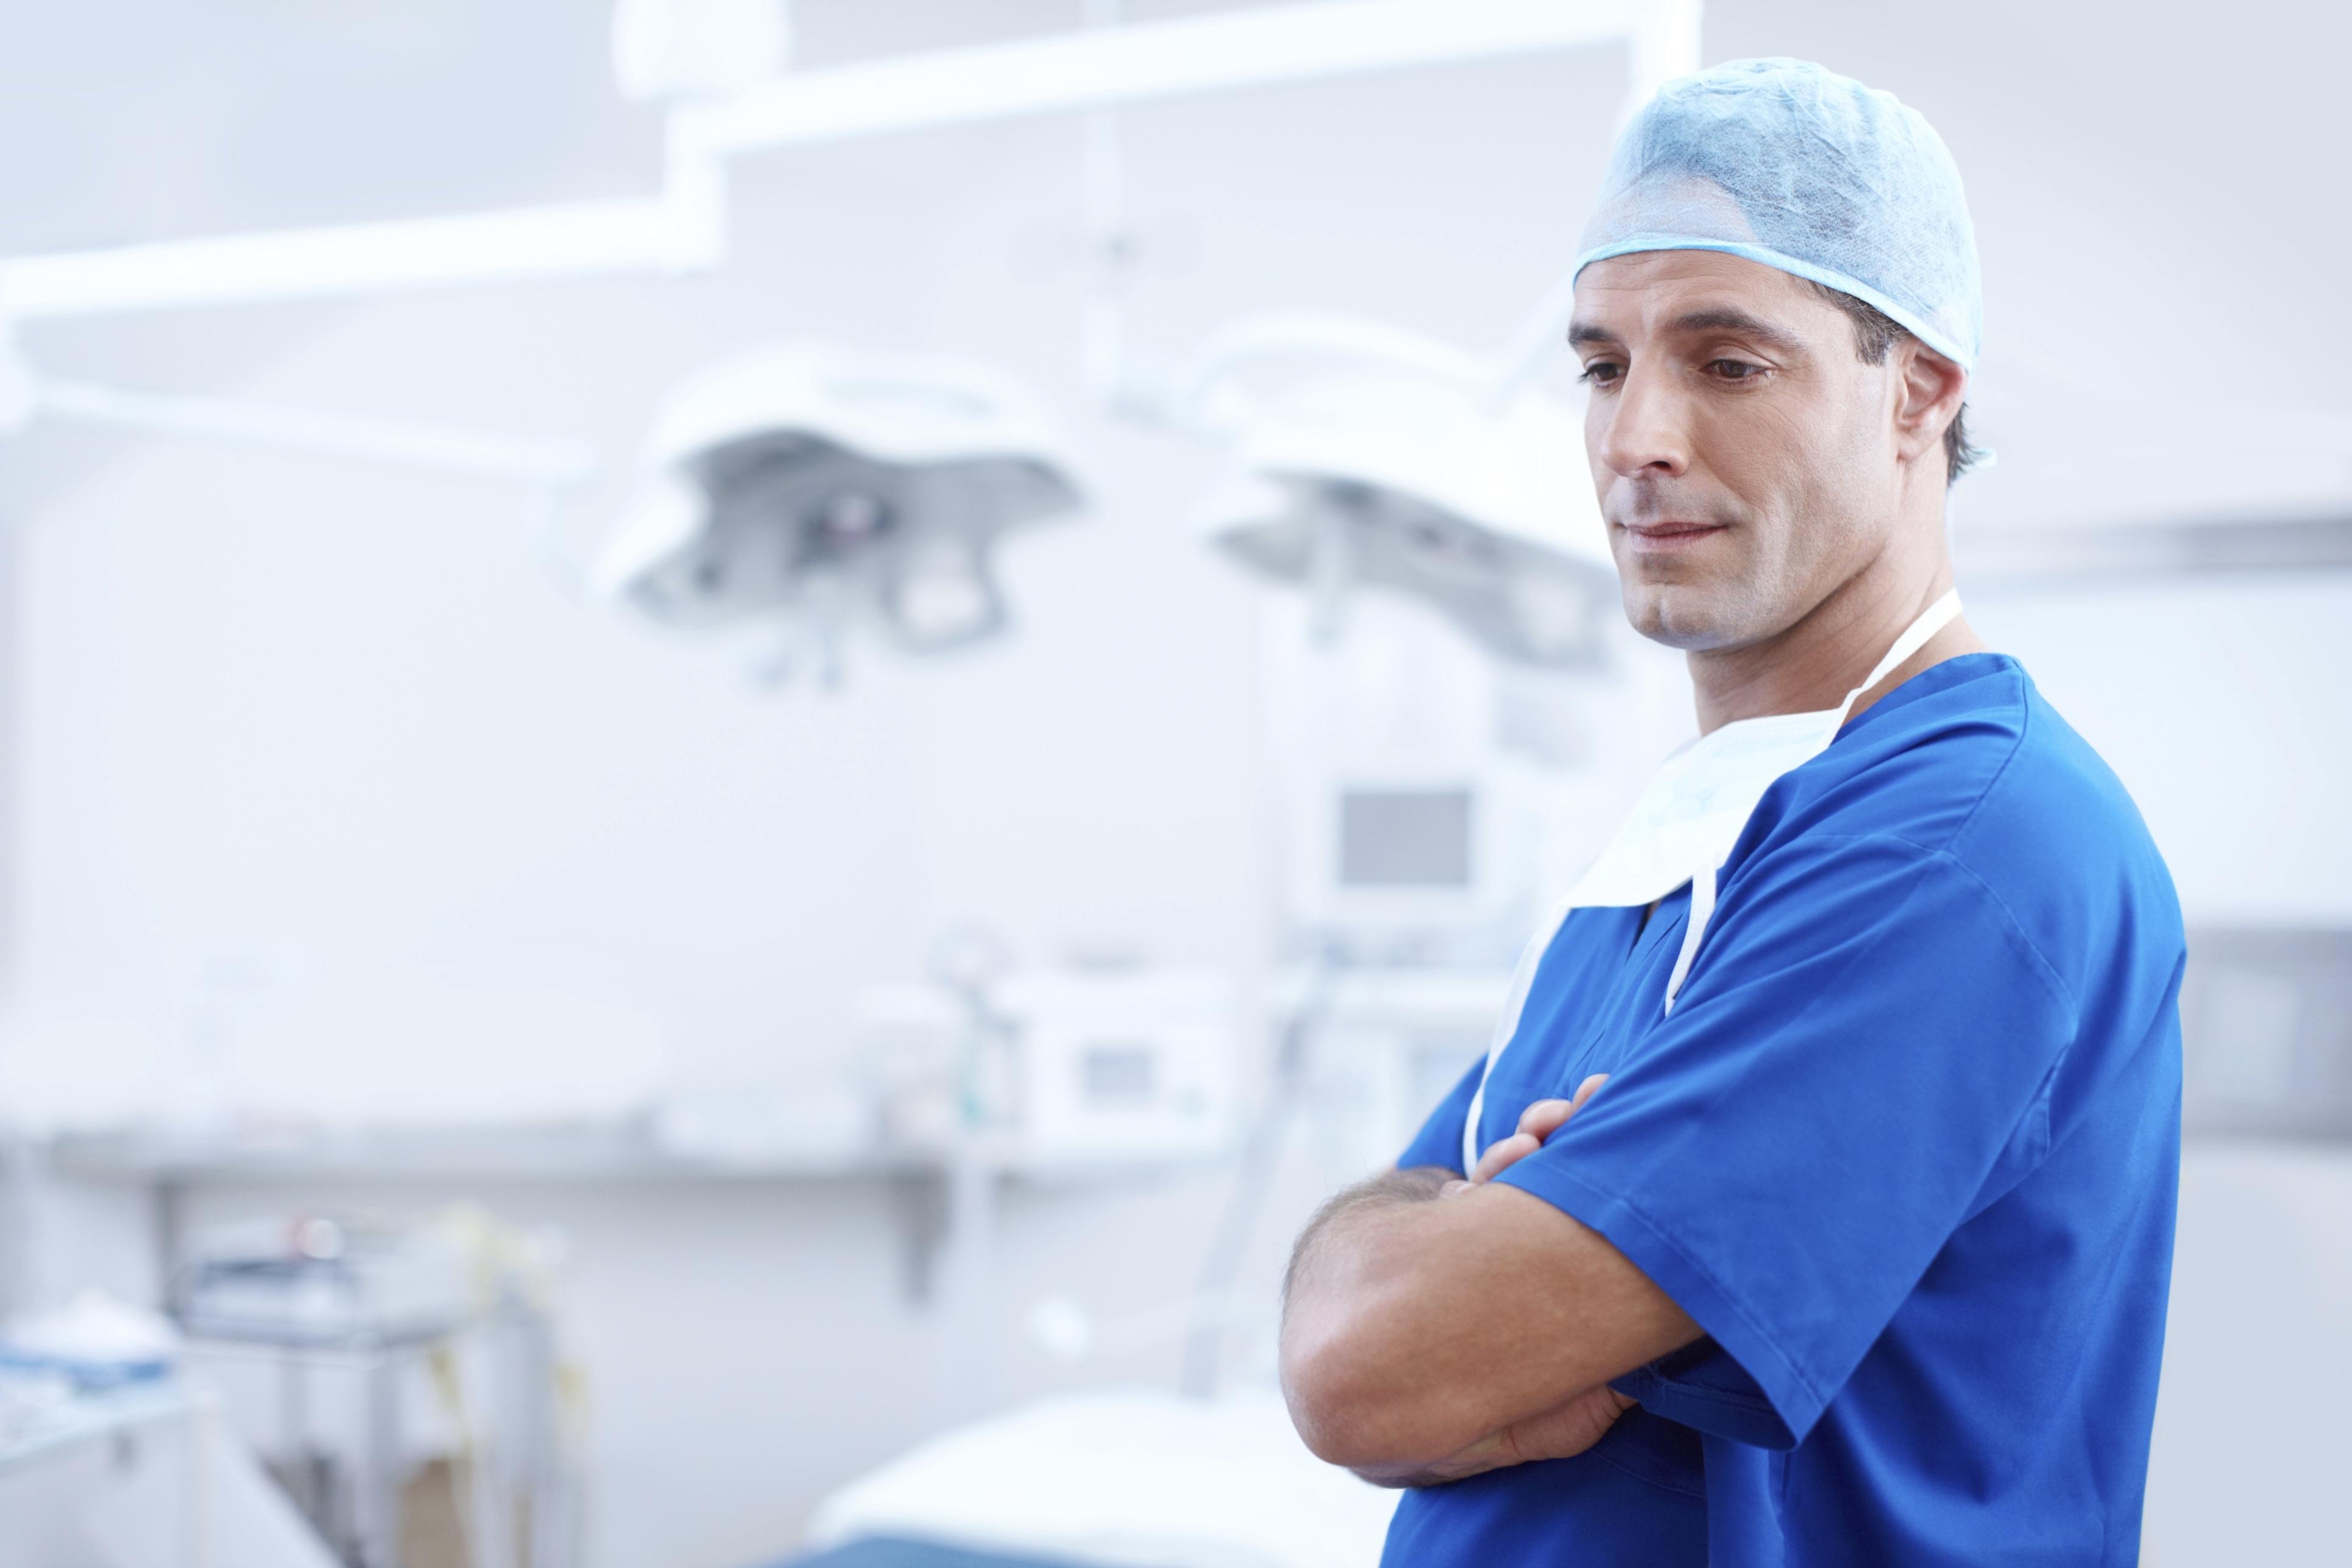 牙醫專訪:不只是看牙醫,更讓患者有賓至如歸的感覺